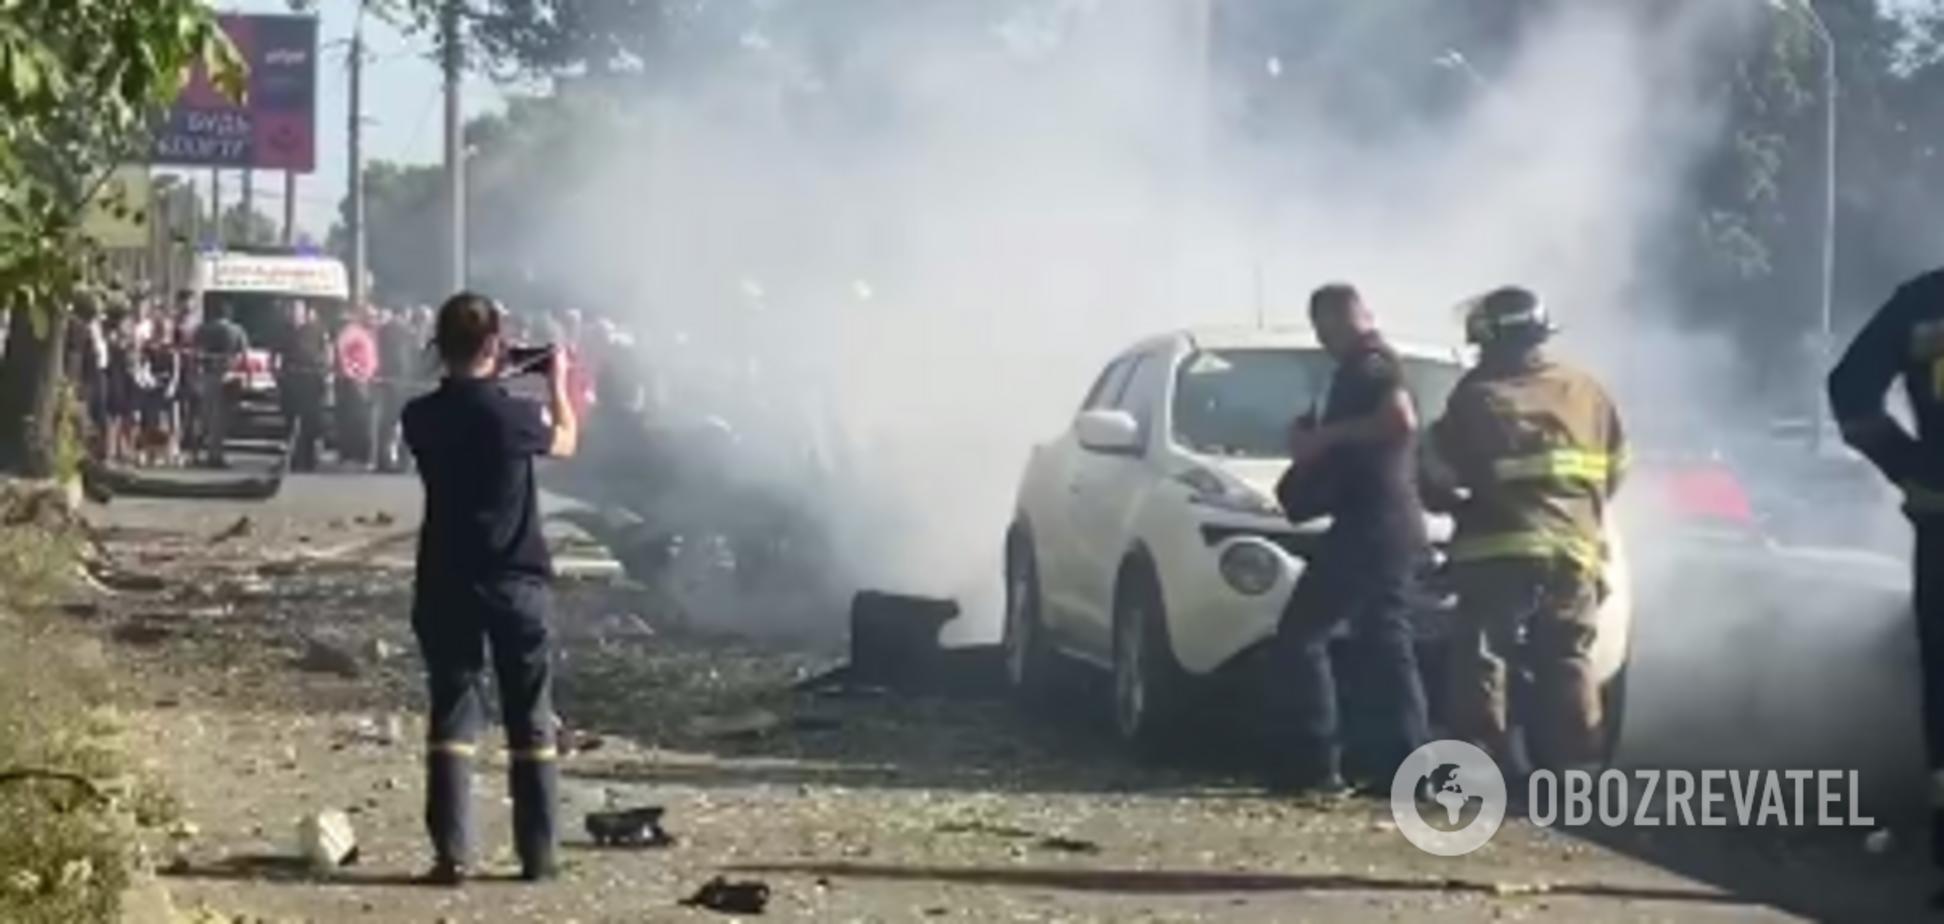 В Днепре взорвался автомобиль: есть погибшие